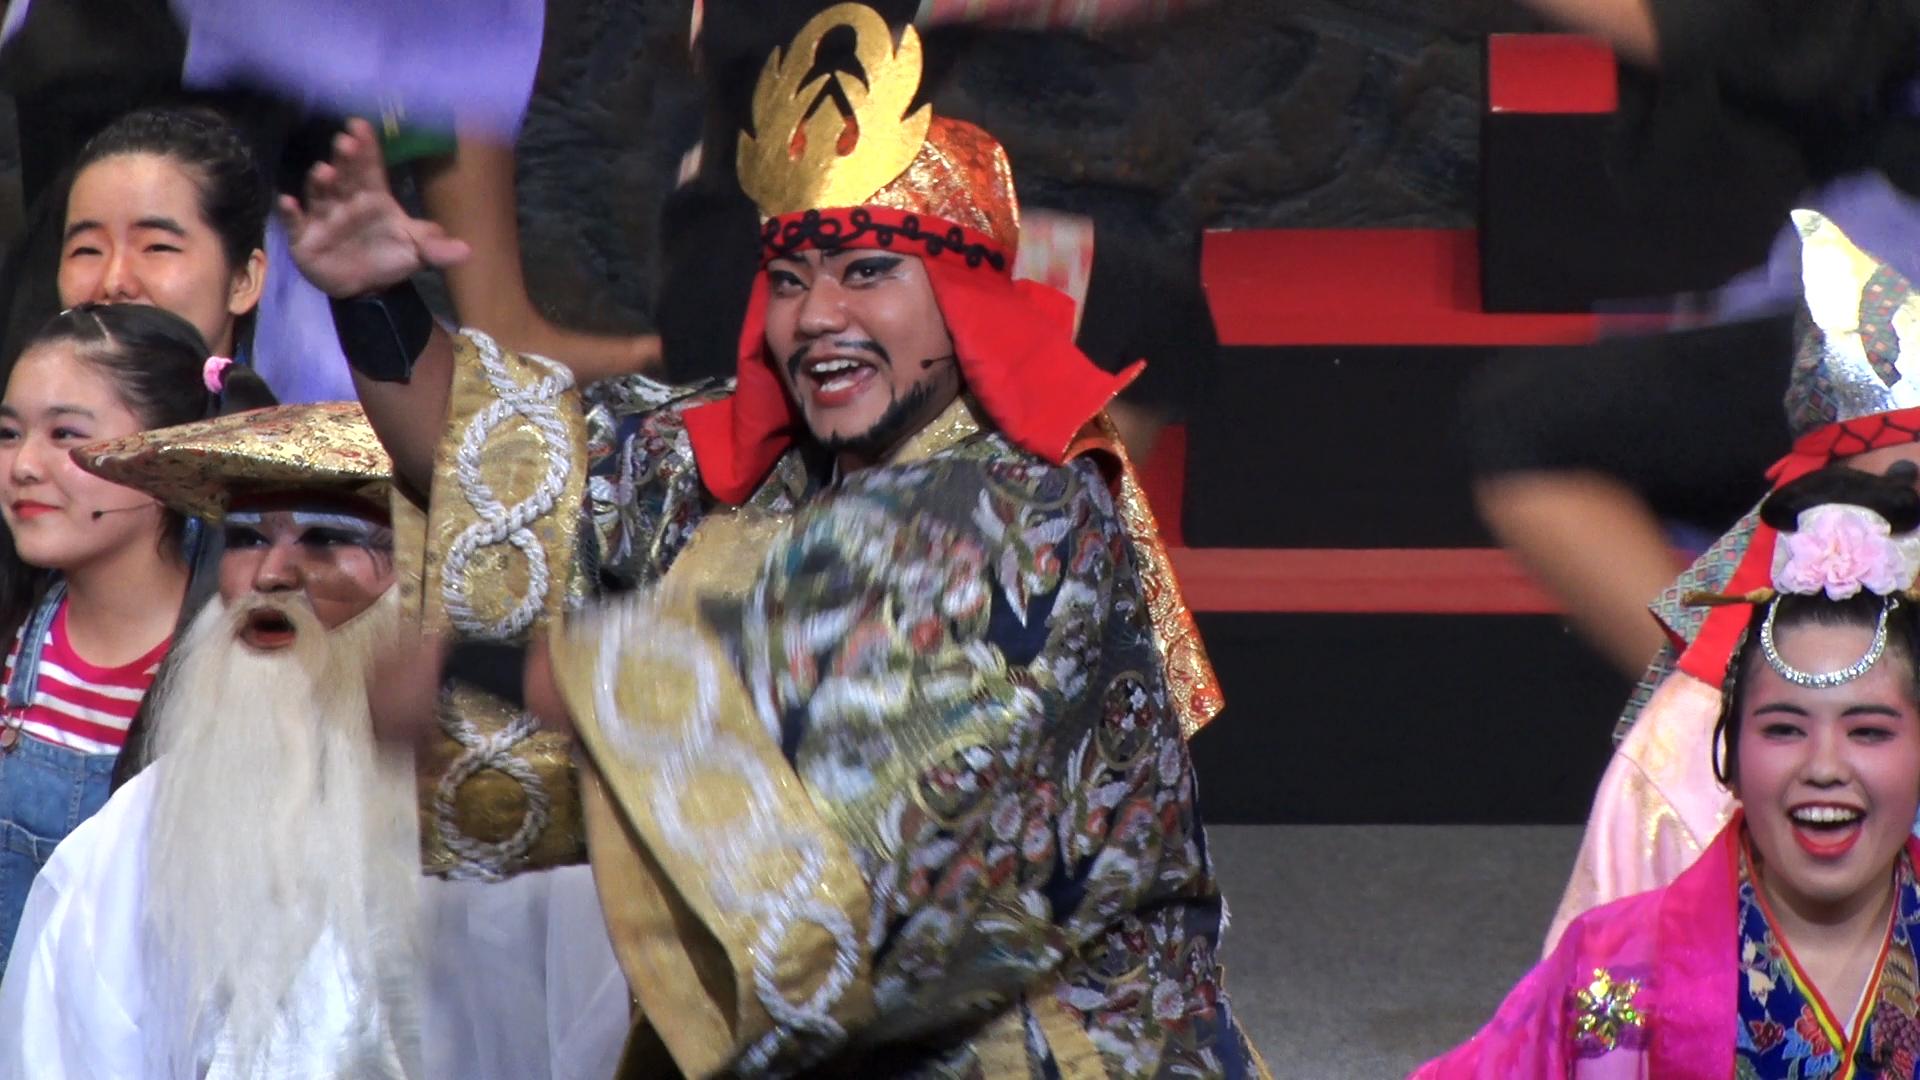 沖縄生まれの奇跡の舞台 - 現代版組踊 肝高の阿麻和利 公式サイト